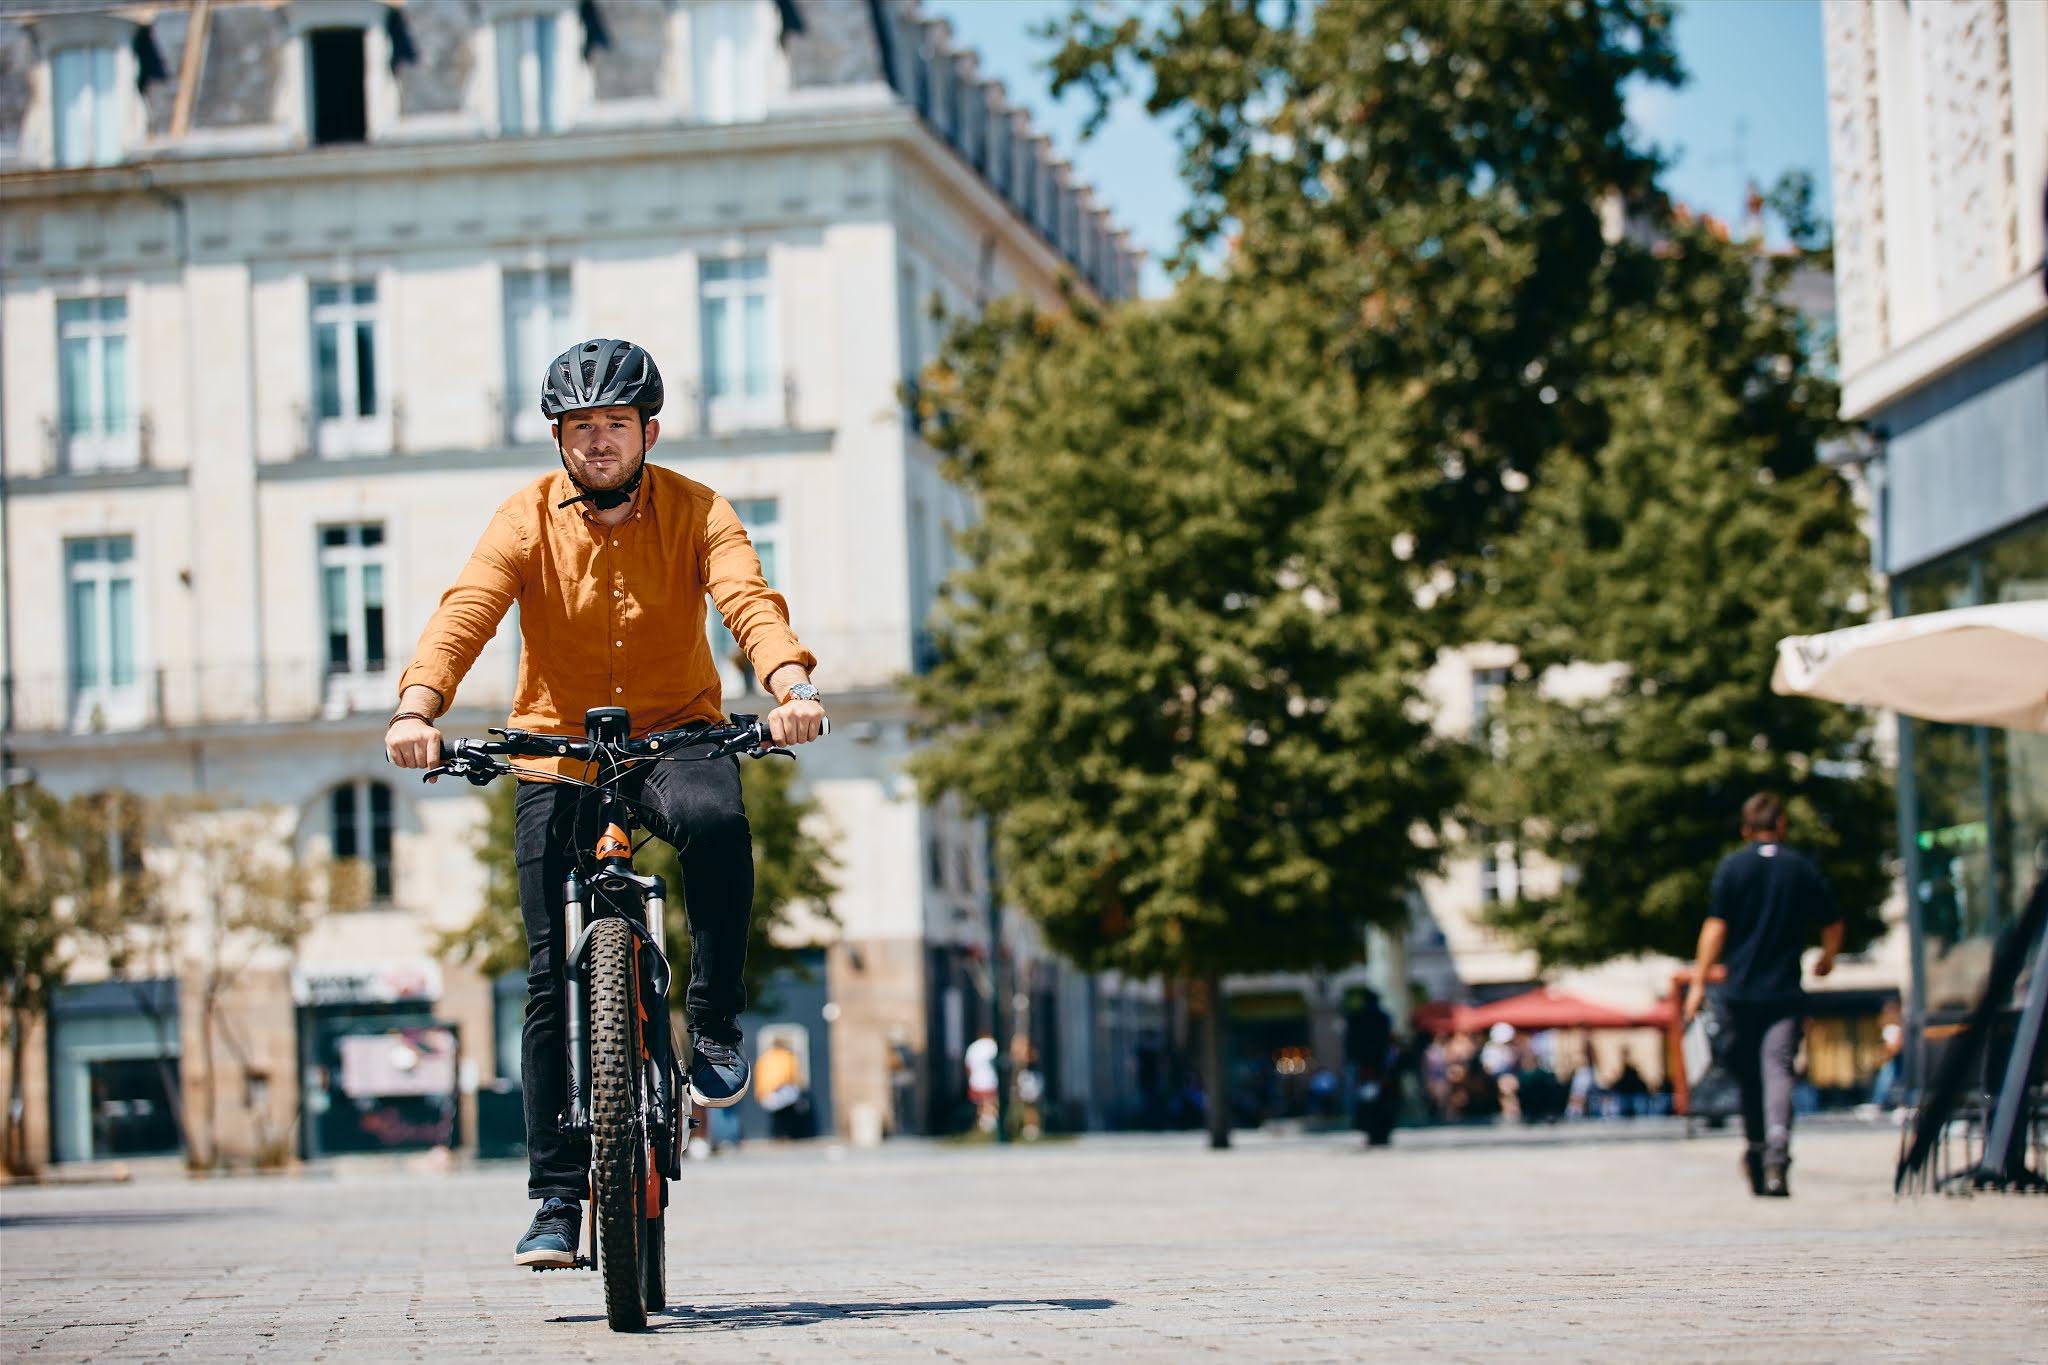 Wink bar, guidon connecté pour localiser son vélo